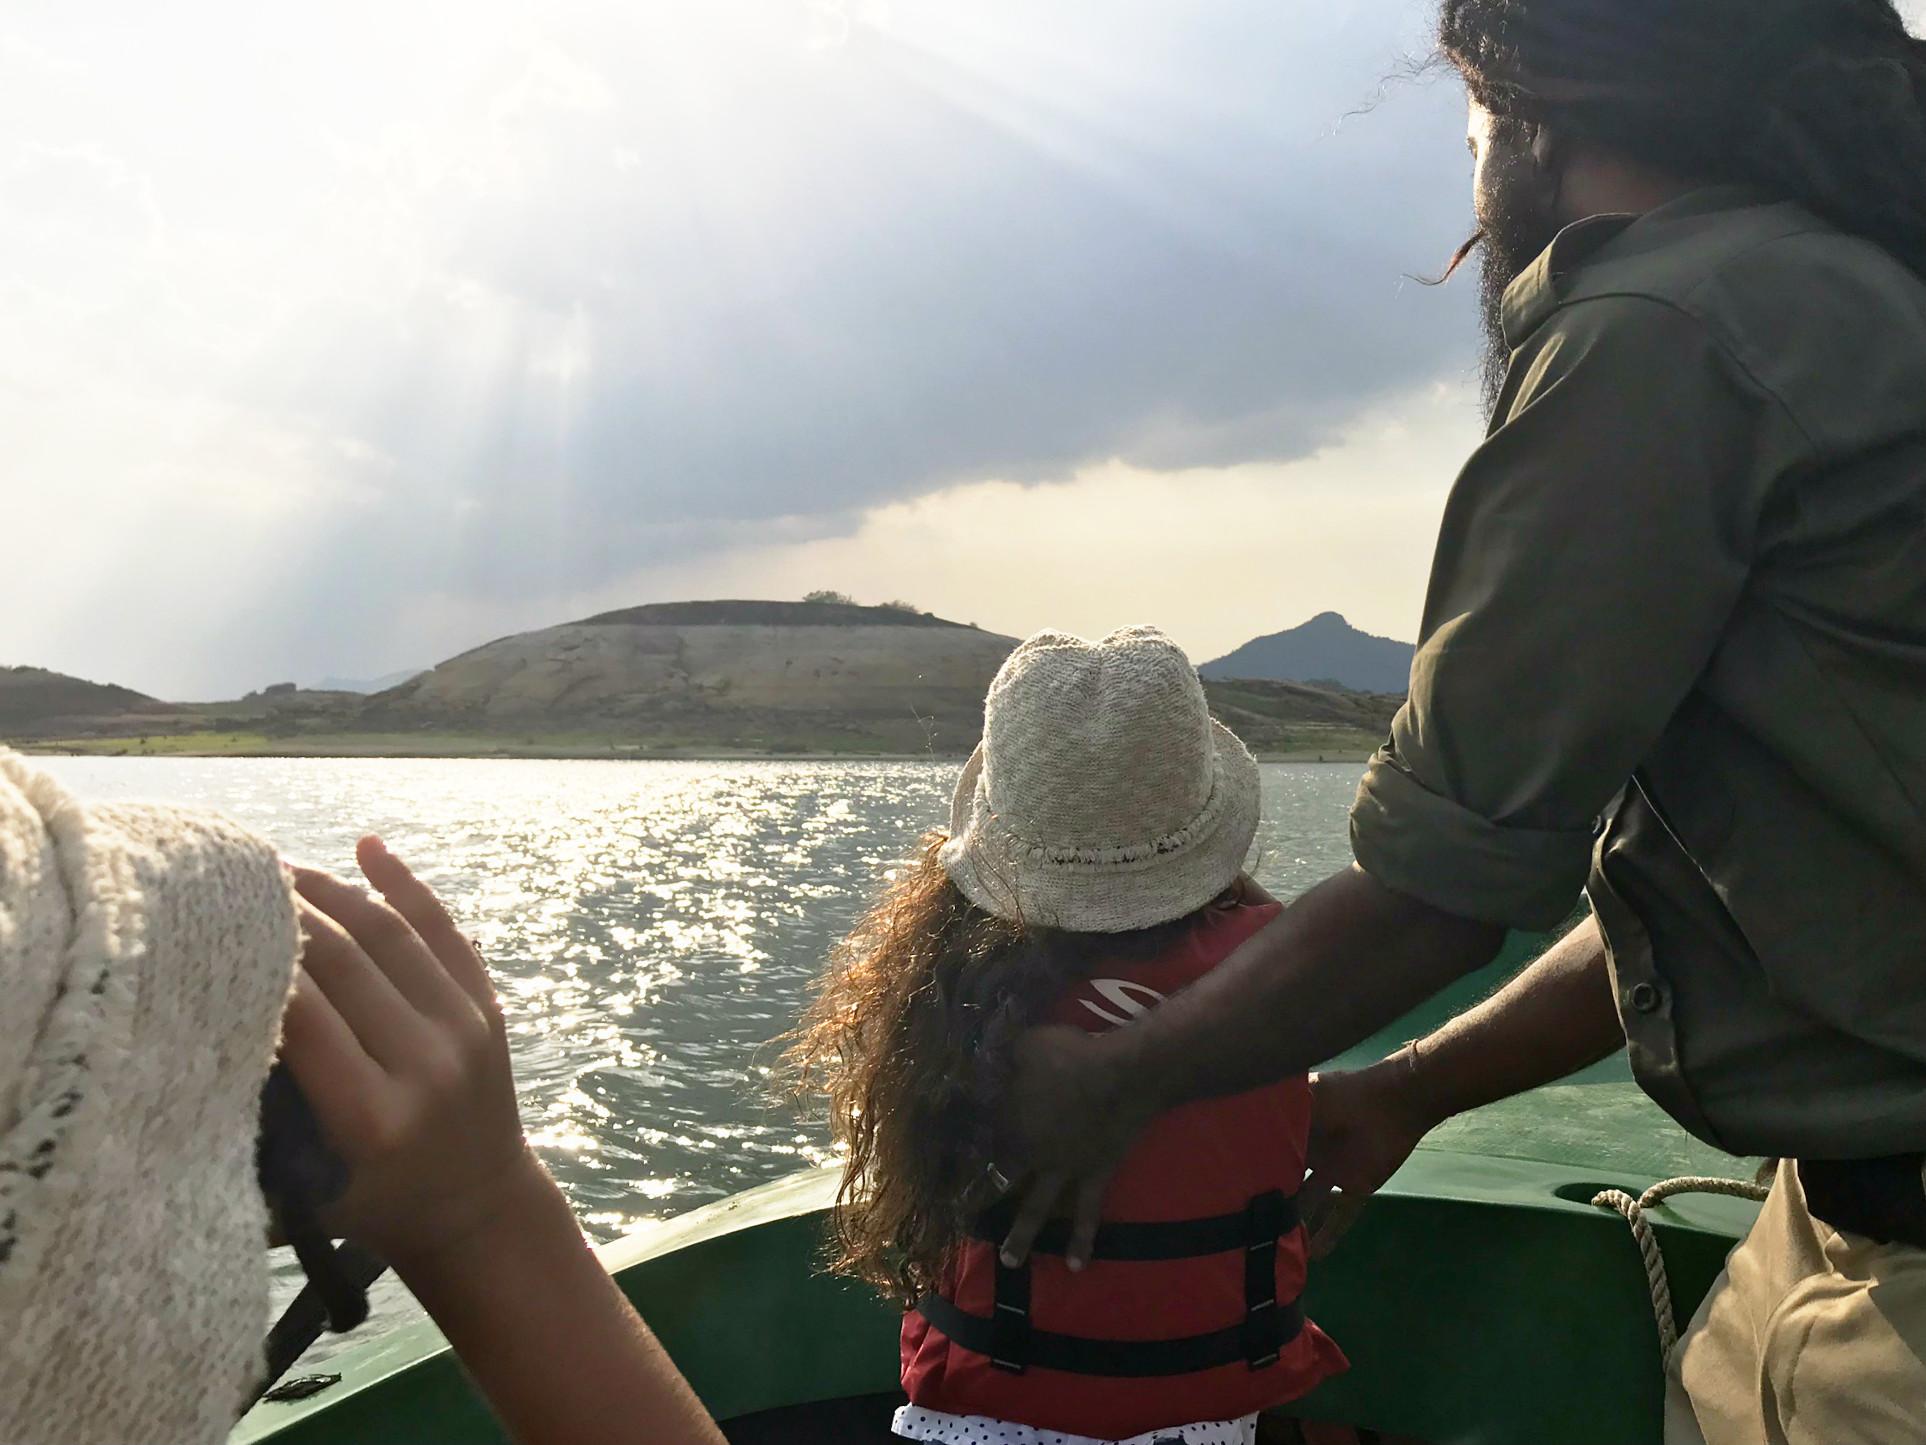 Der Naturalist hat uns im Gal Oya Park nur die Richtung gezeigt. Finden mussten wir Krokodile und Elefanten vom Boot aus selbst...